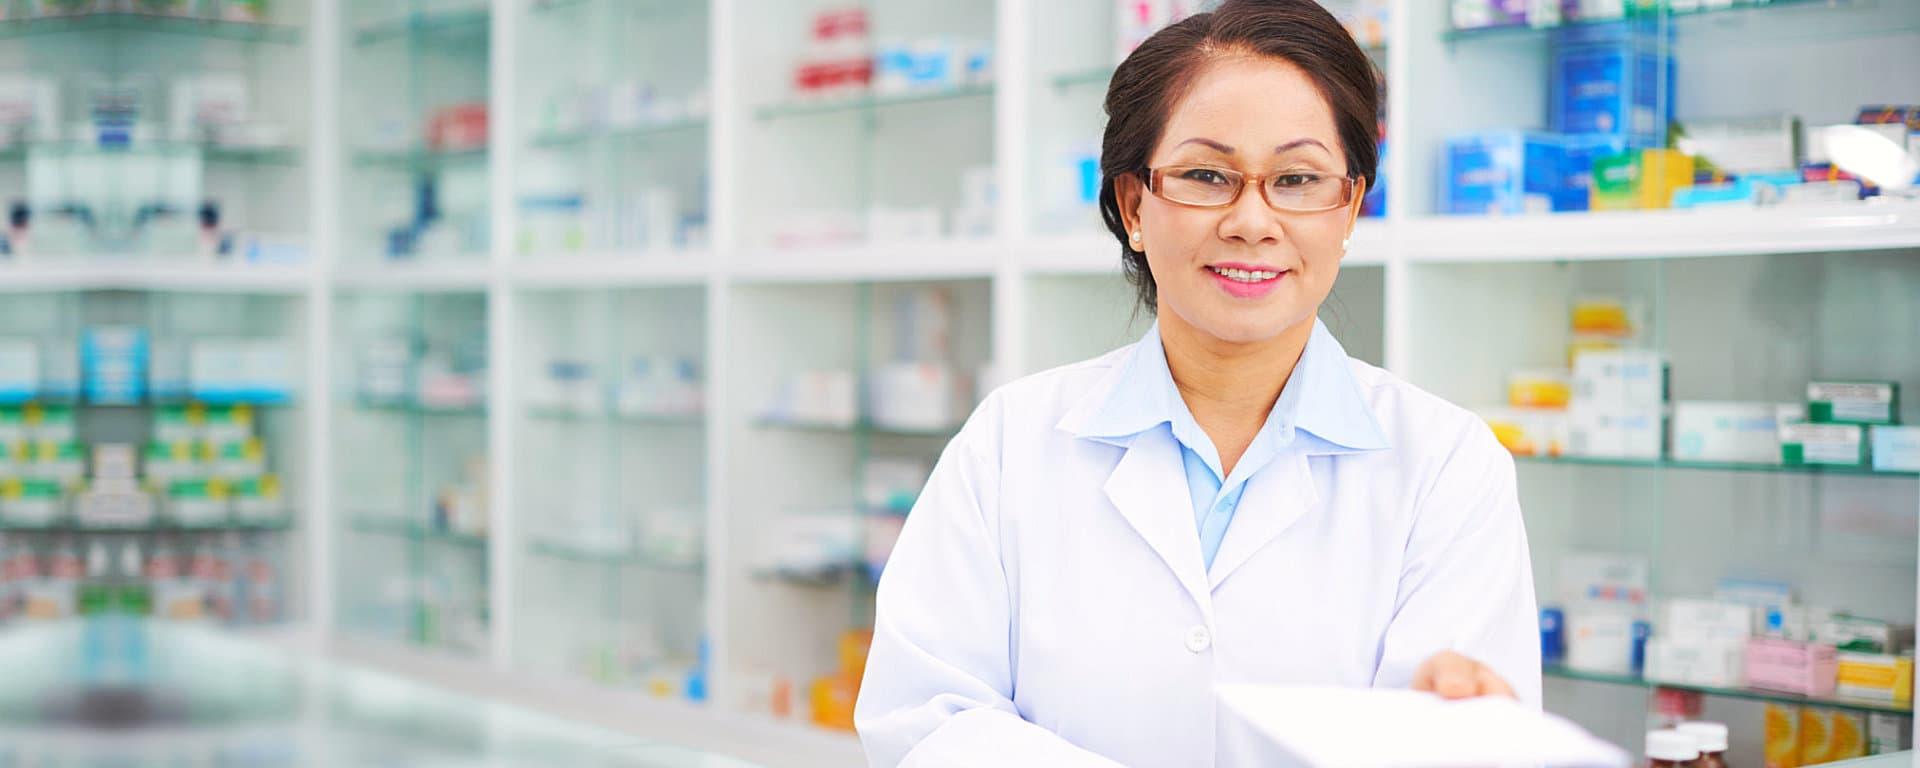 pharmacist smiling on the pharmacy